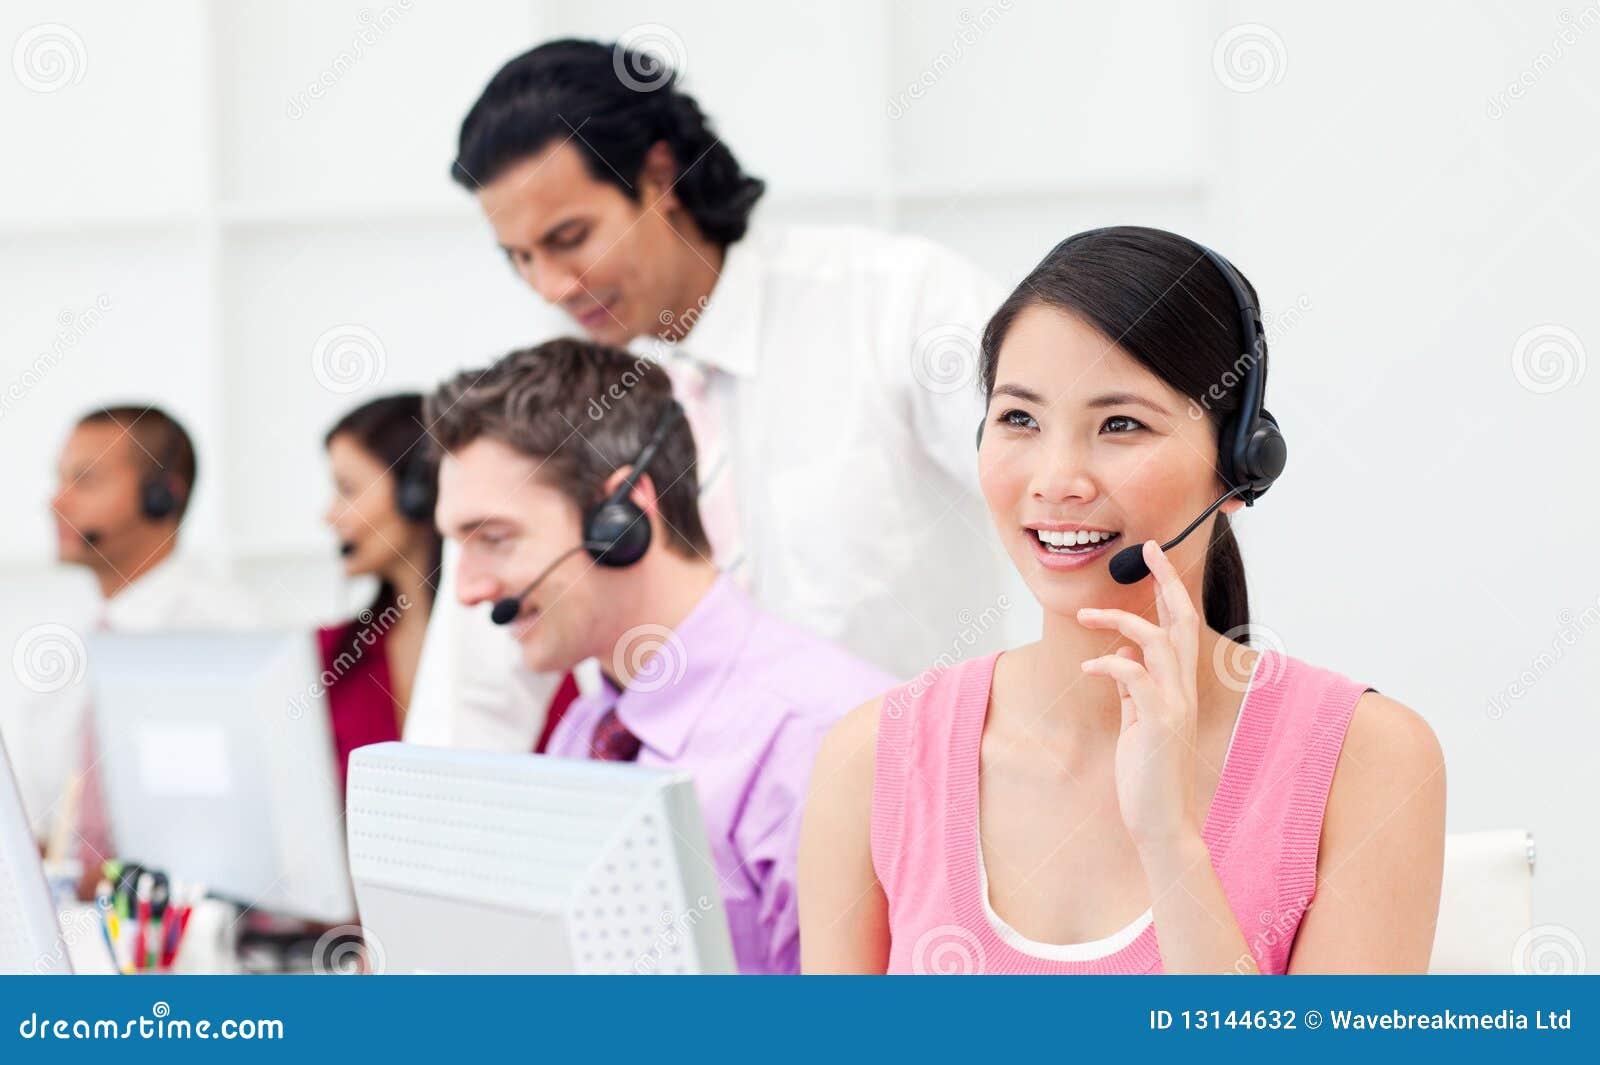 клиент агента азиатский красивейший ее команда